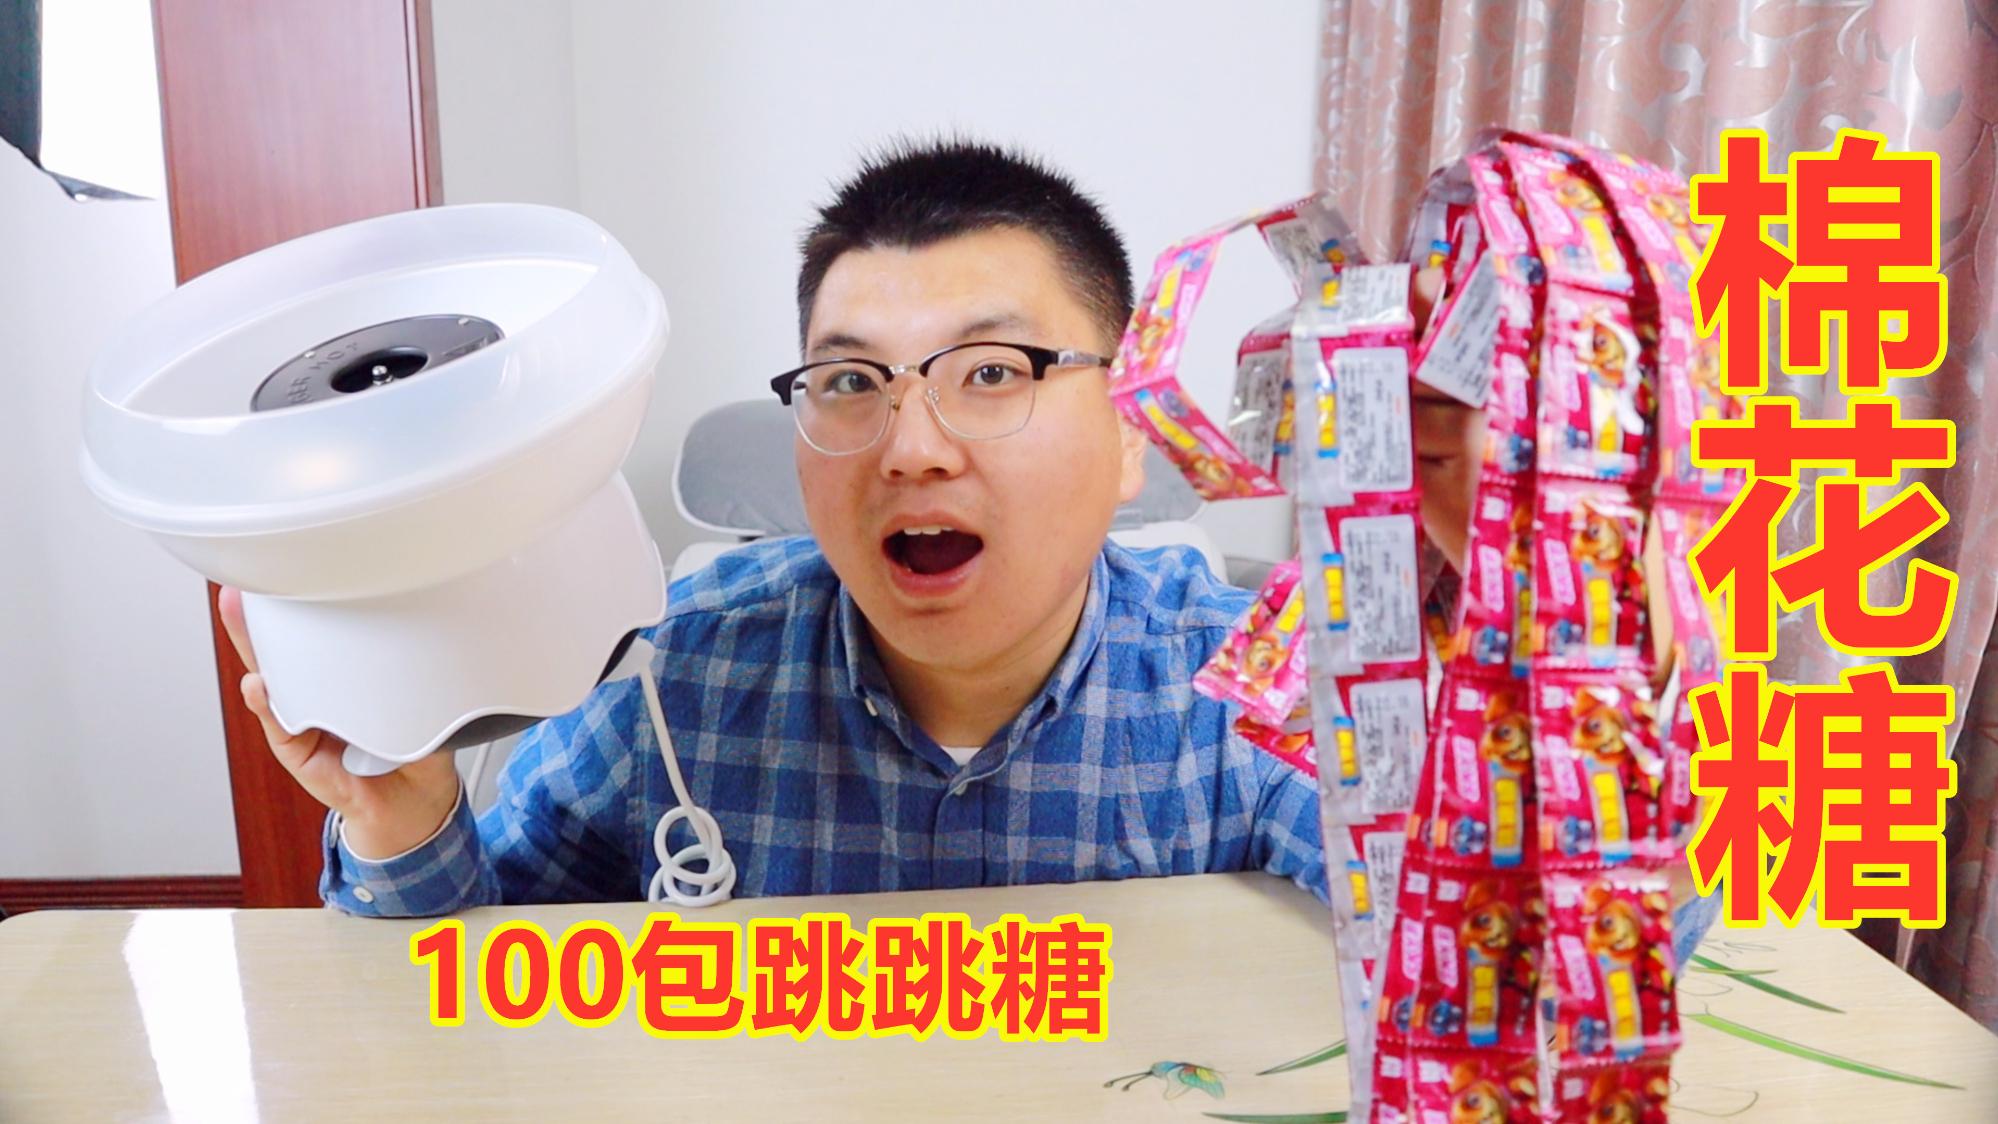 买100包跳跳糖,做棉花糖能成功吗?放在嘴里还会跳吗?